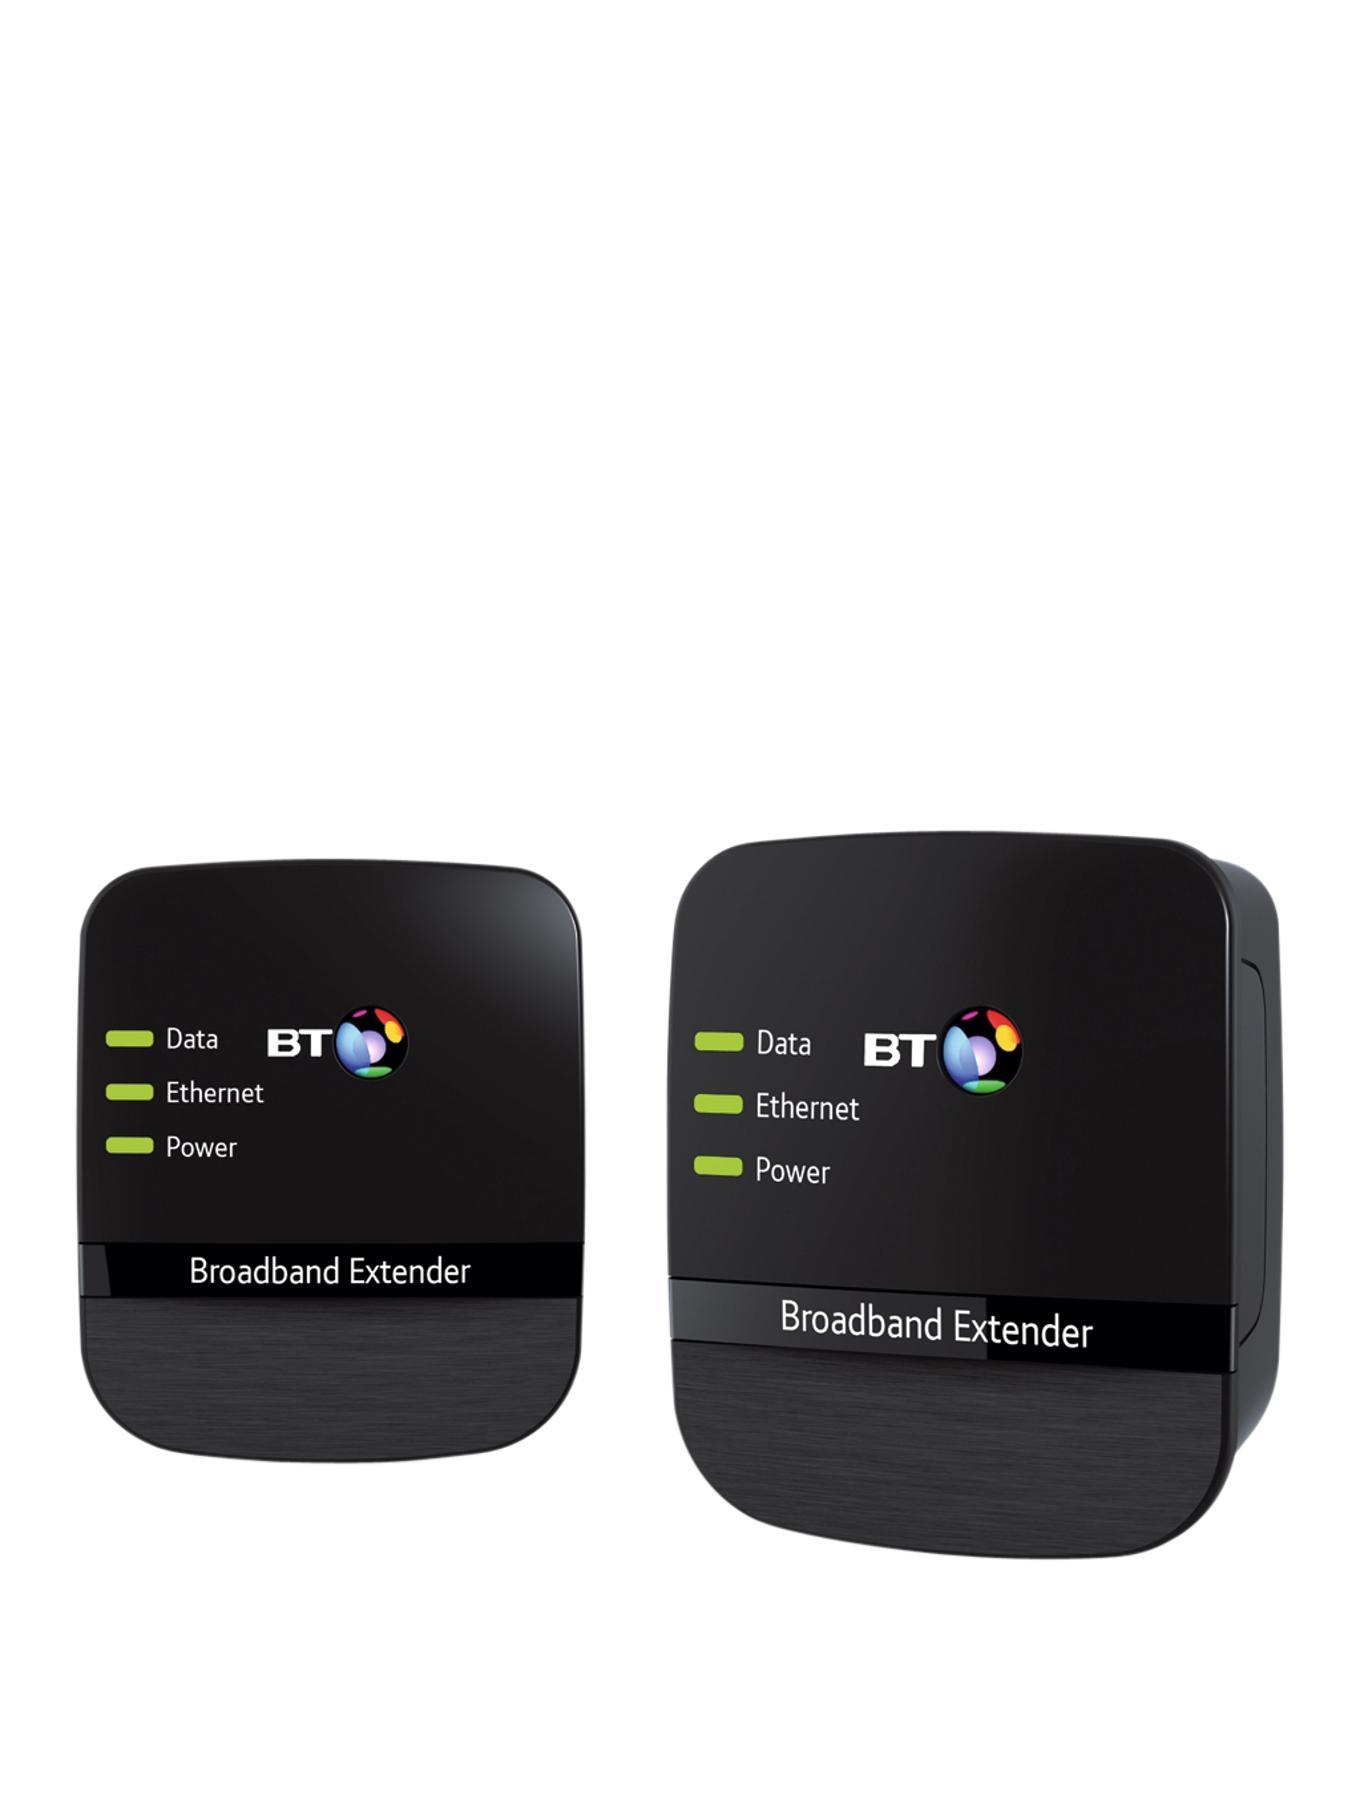 BT Broadband Extender 500 Kit - Black